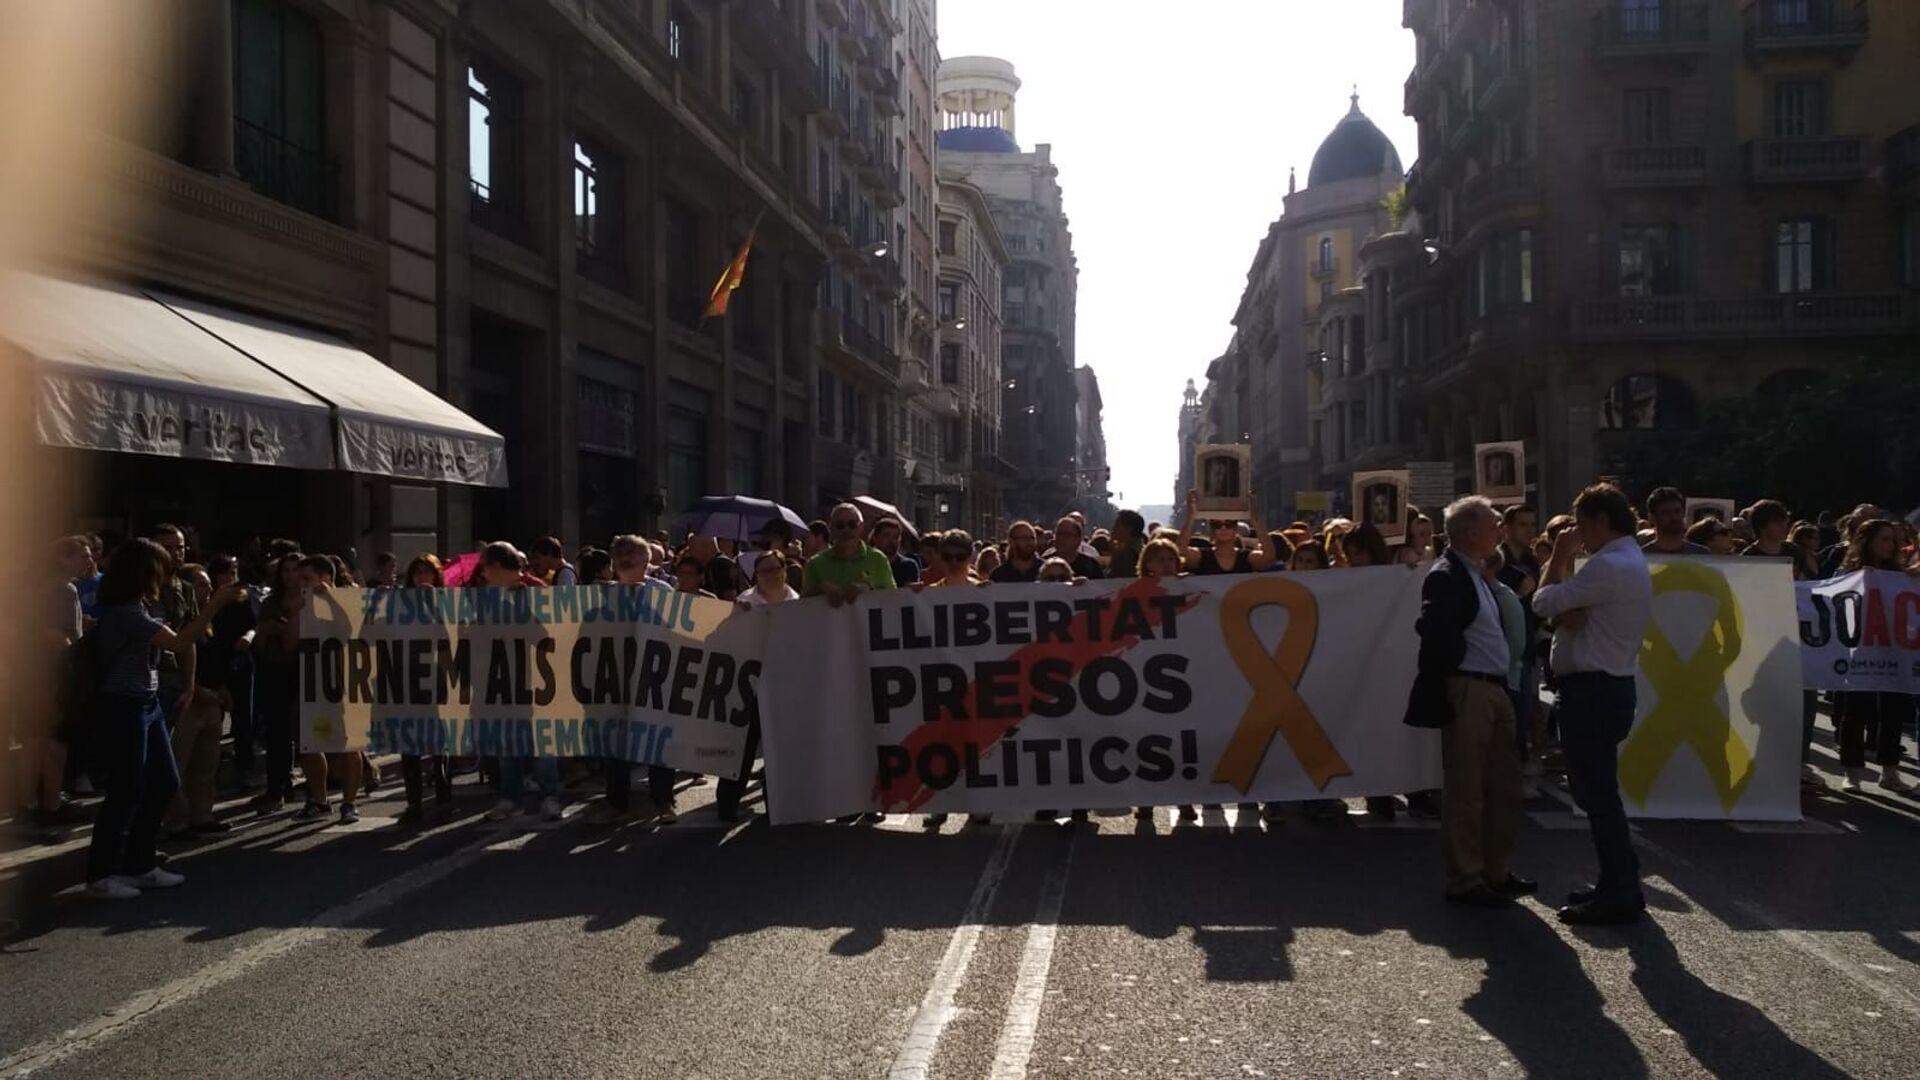 Marcha Vía Laietana en Barcelona contra la sentencia del Tribunal Supremo de España por el caso de los líderes independentistas catalanes - Sputnik Mundo, 1920, 22.06.2021